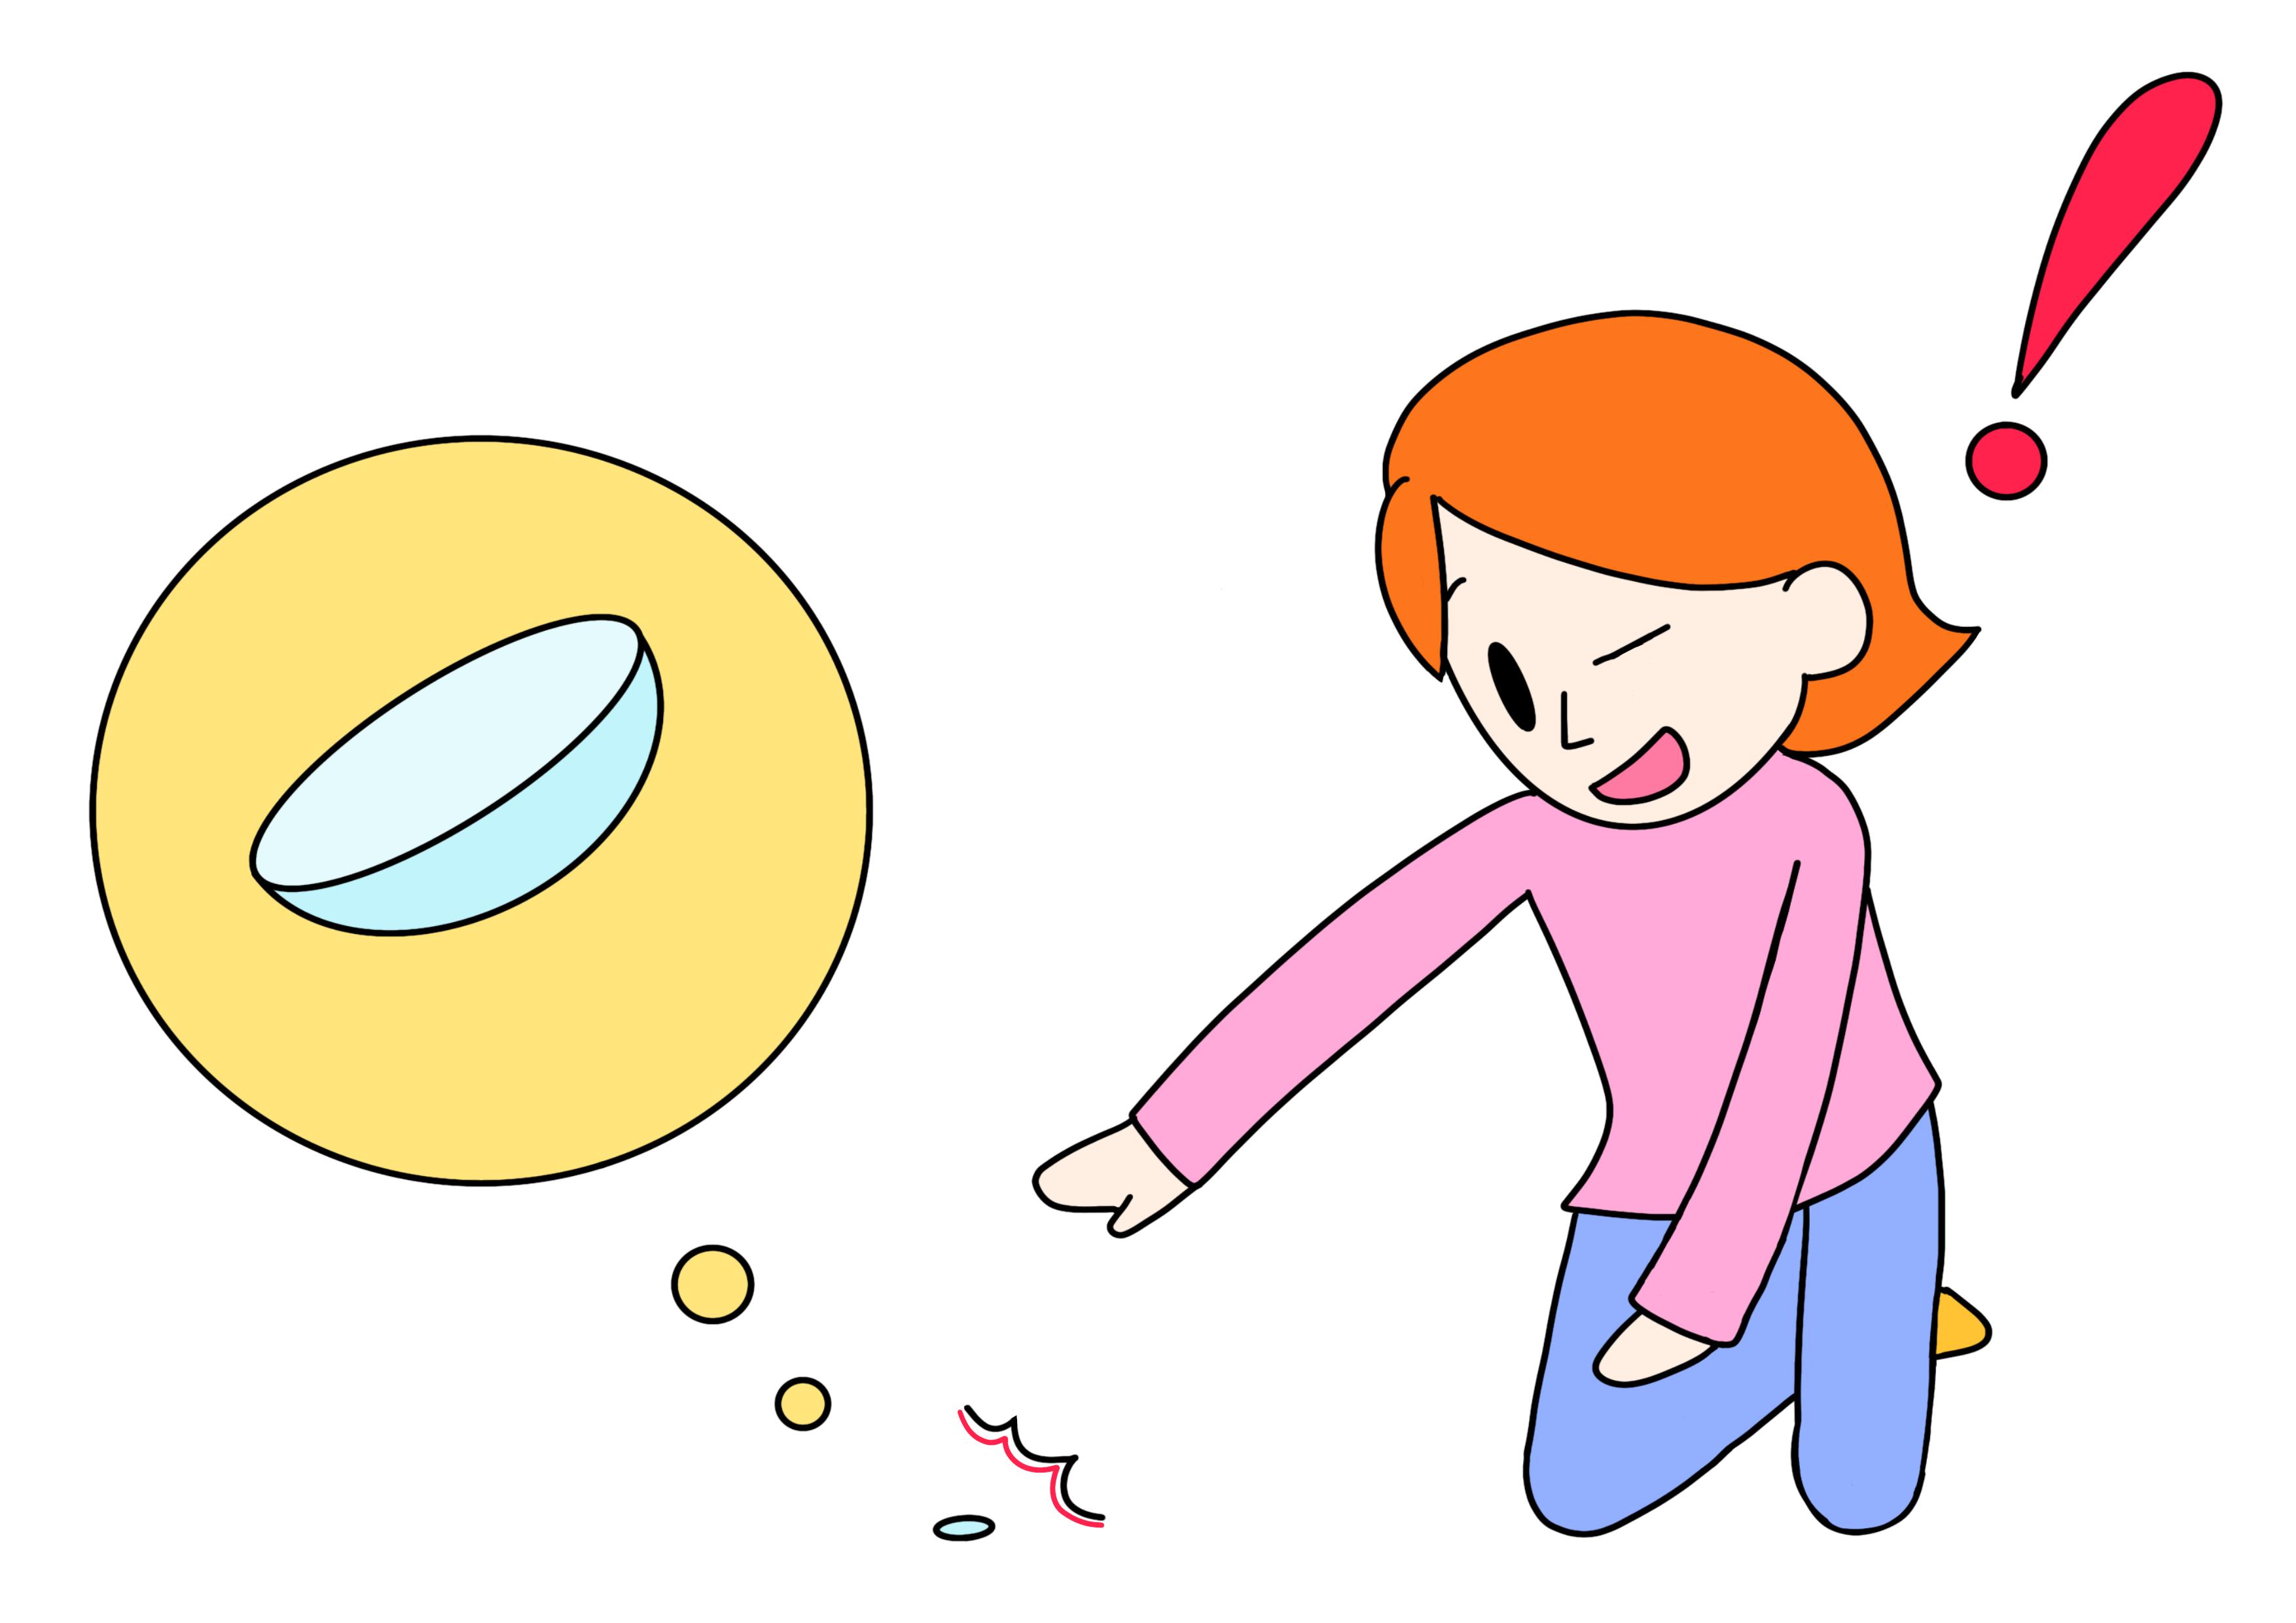 34課イラスト【コンタクトが見つかる】